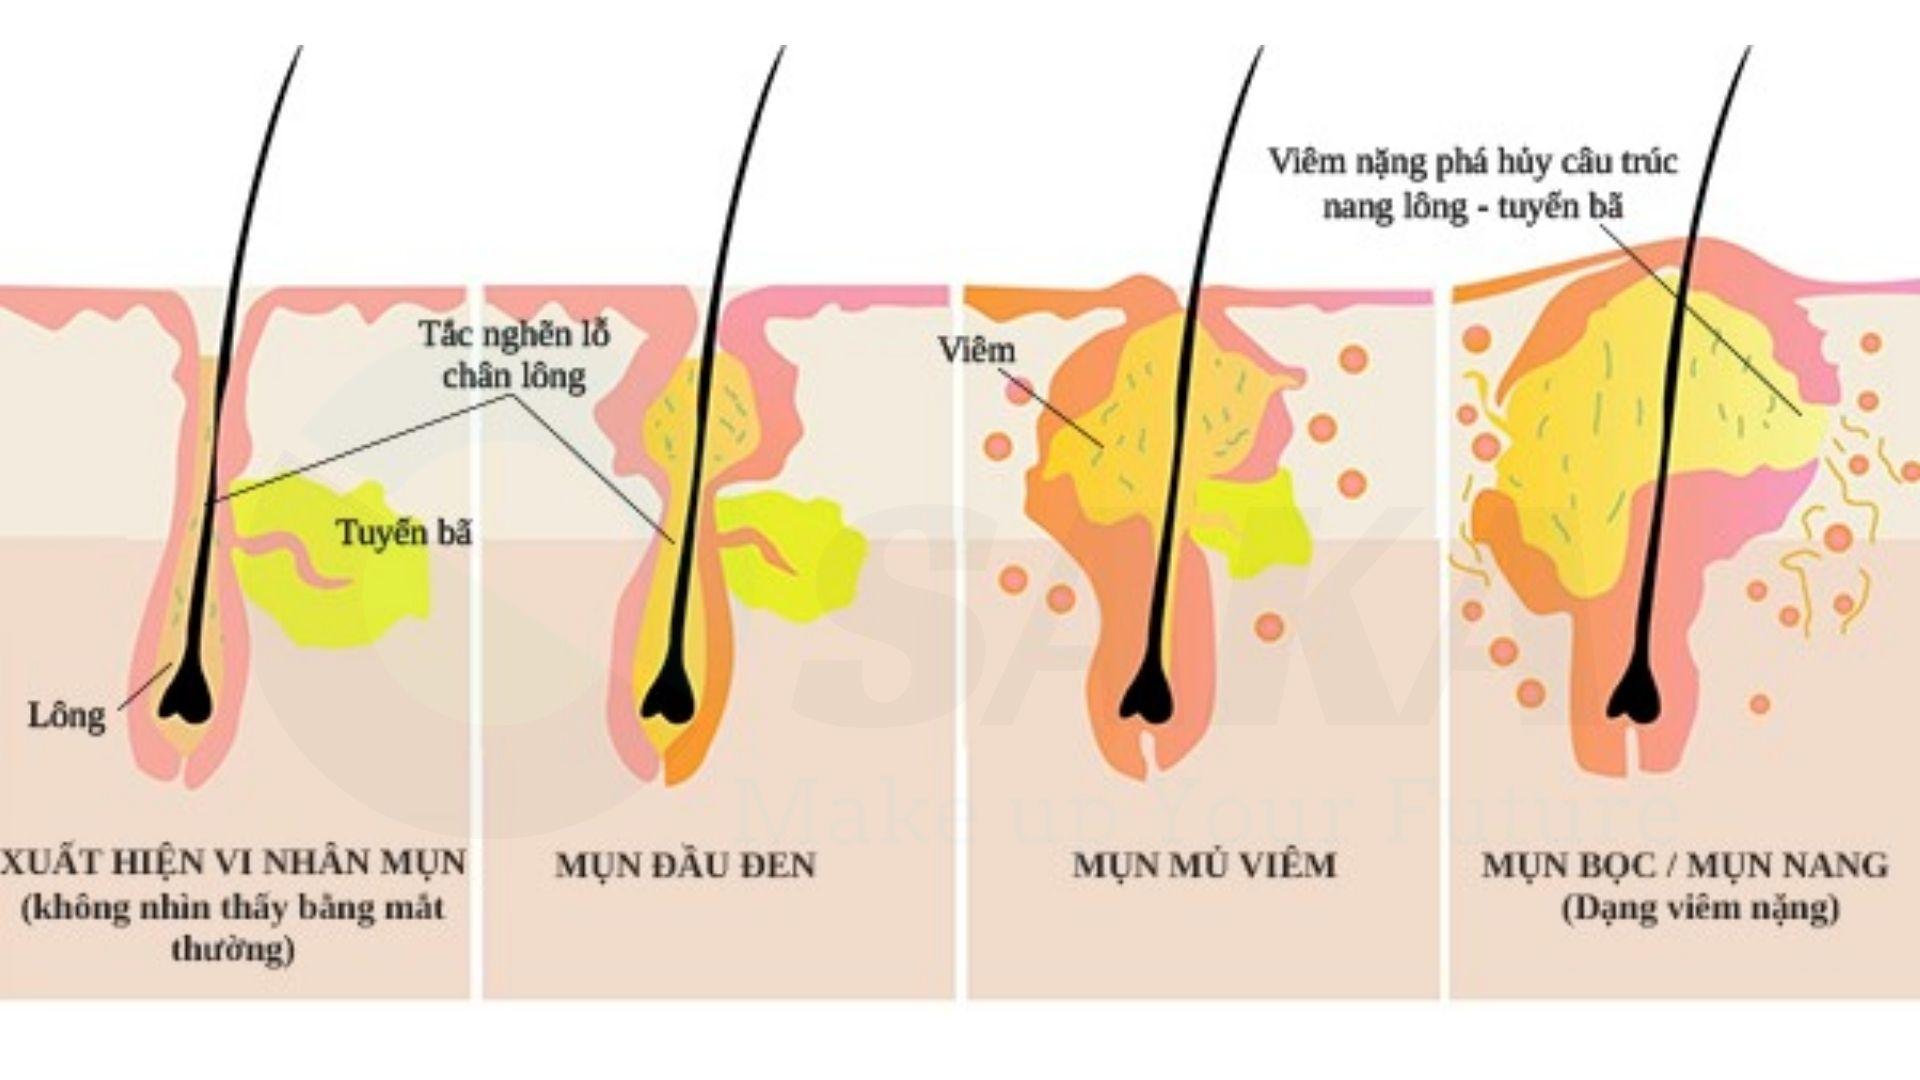 Quy trình phát triển lông